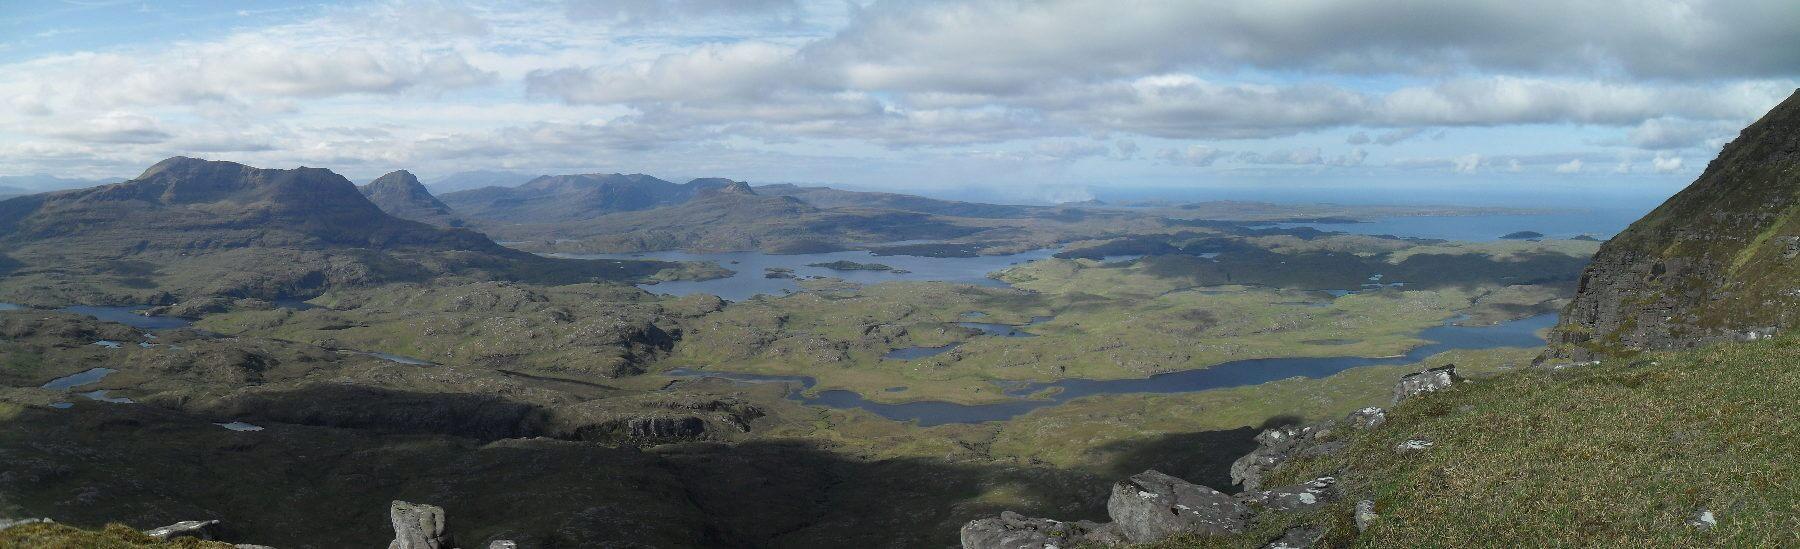 Blick nach Süden. In der Mitte der Stac Pollaidh, links der Cùl Mòr